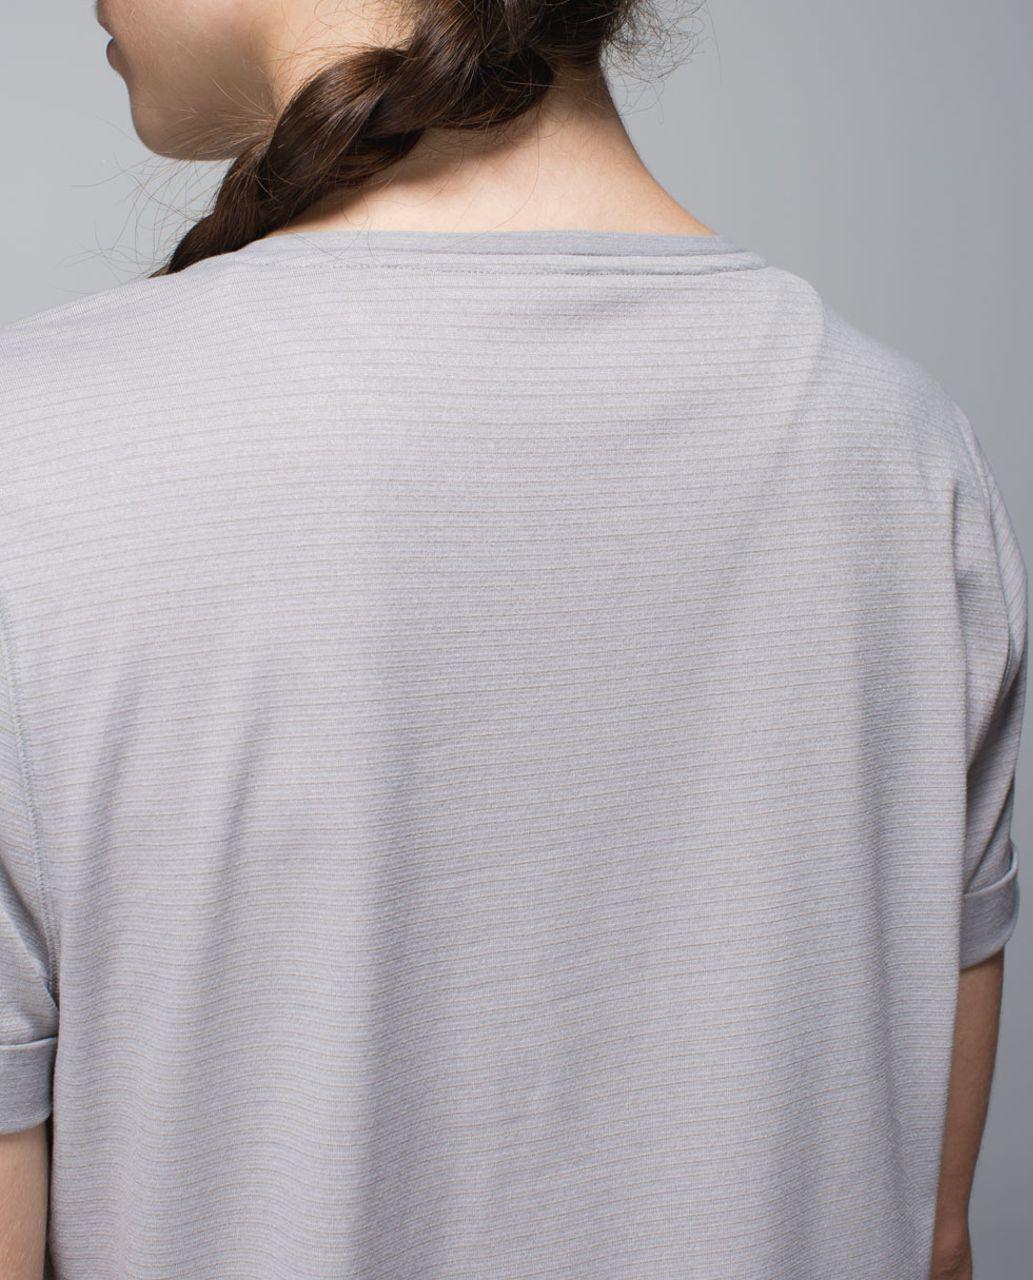 Lululemon B.F.T. - Heathered Medium Grey